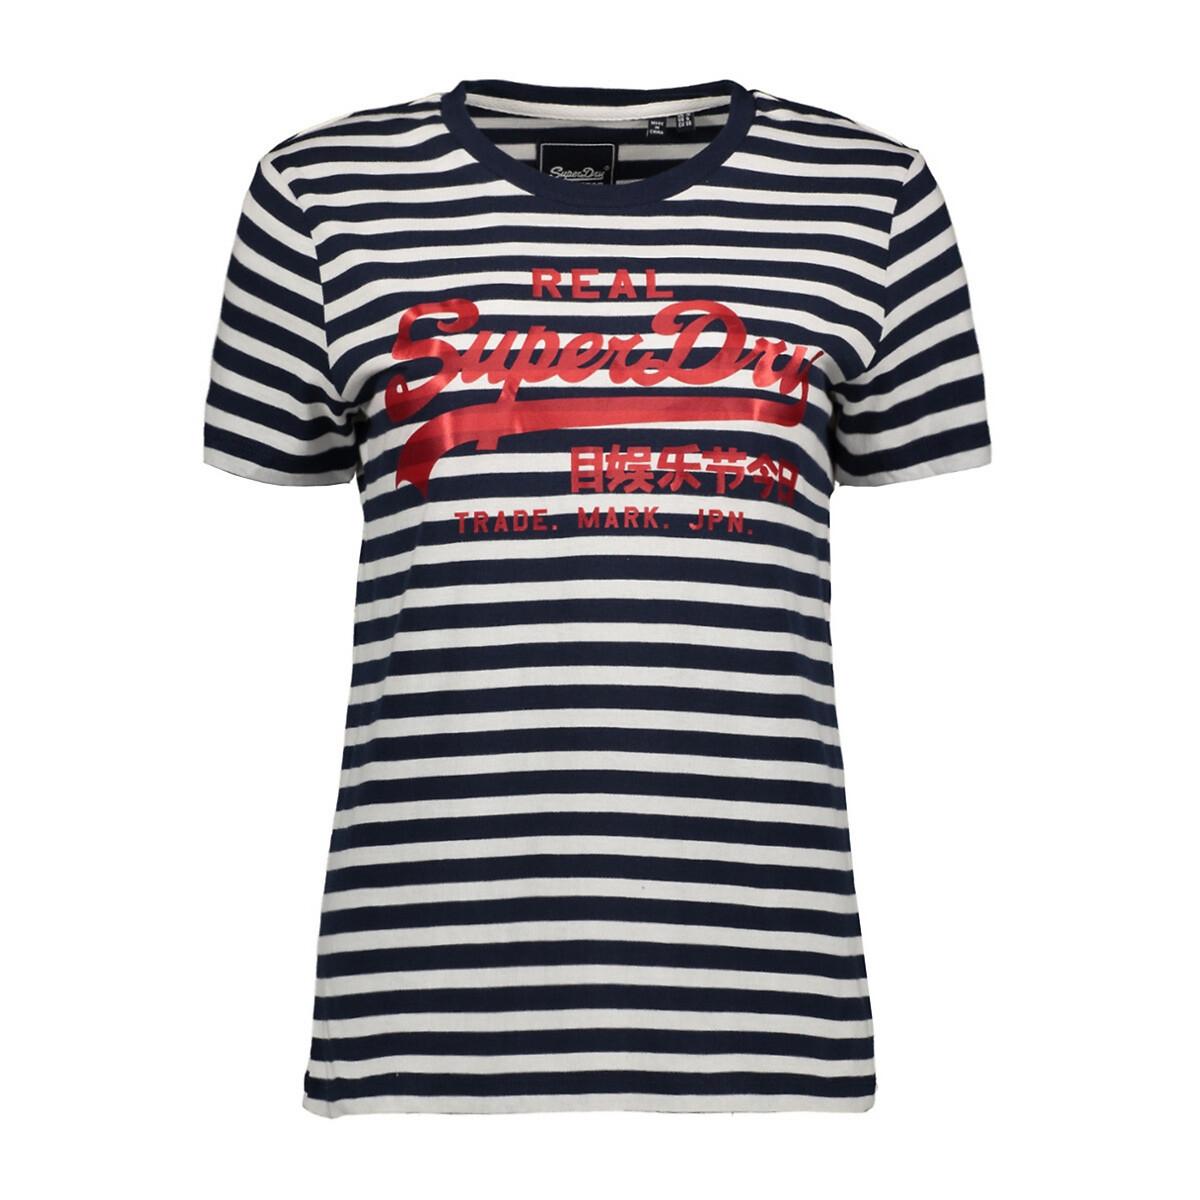 Camiseta de manga corta estilo marinero, con logotipo